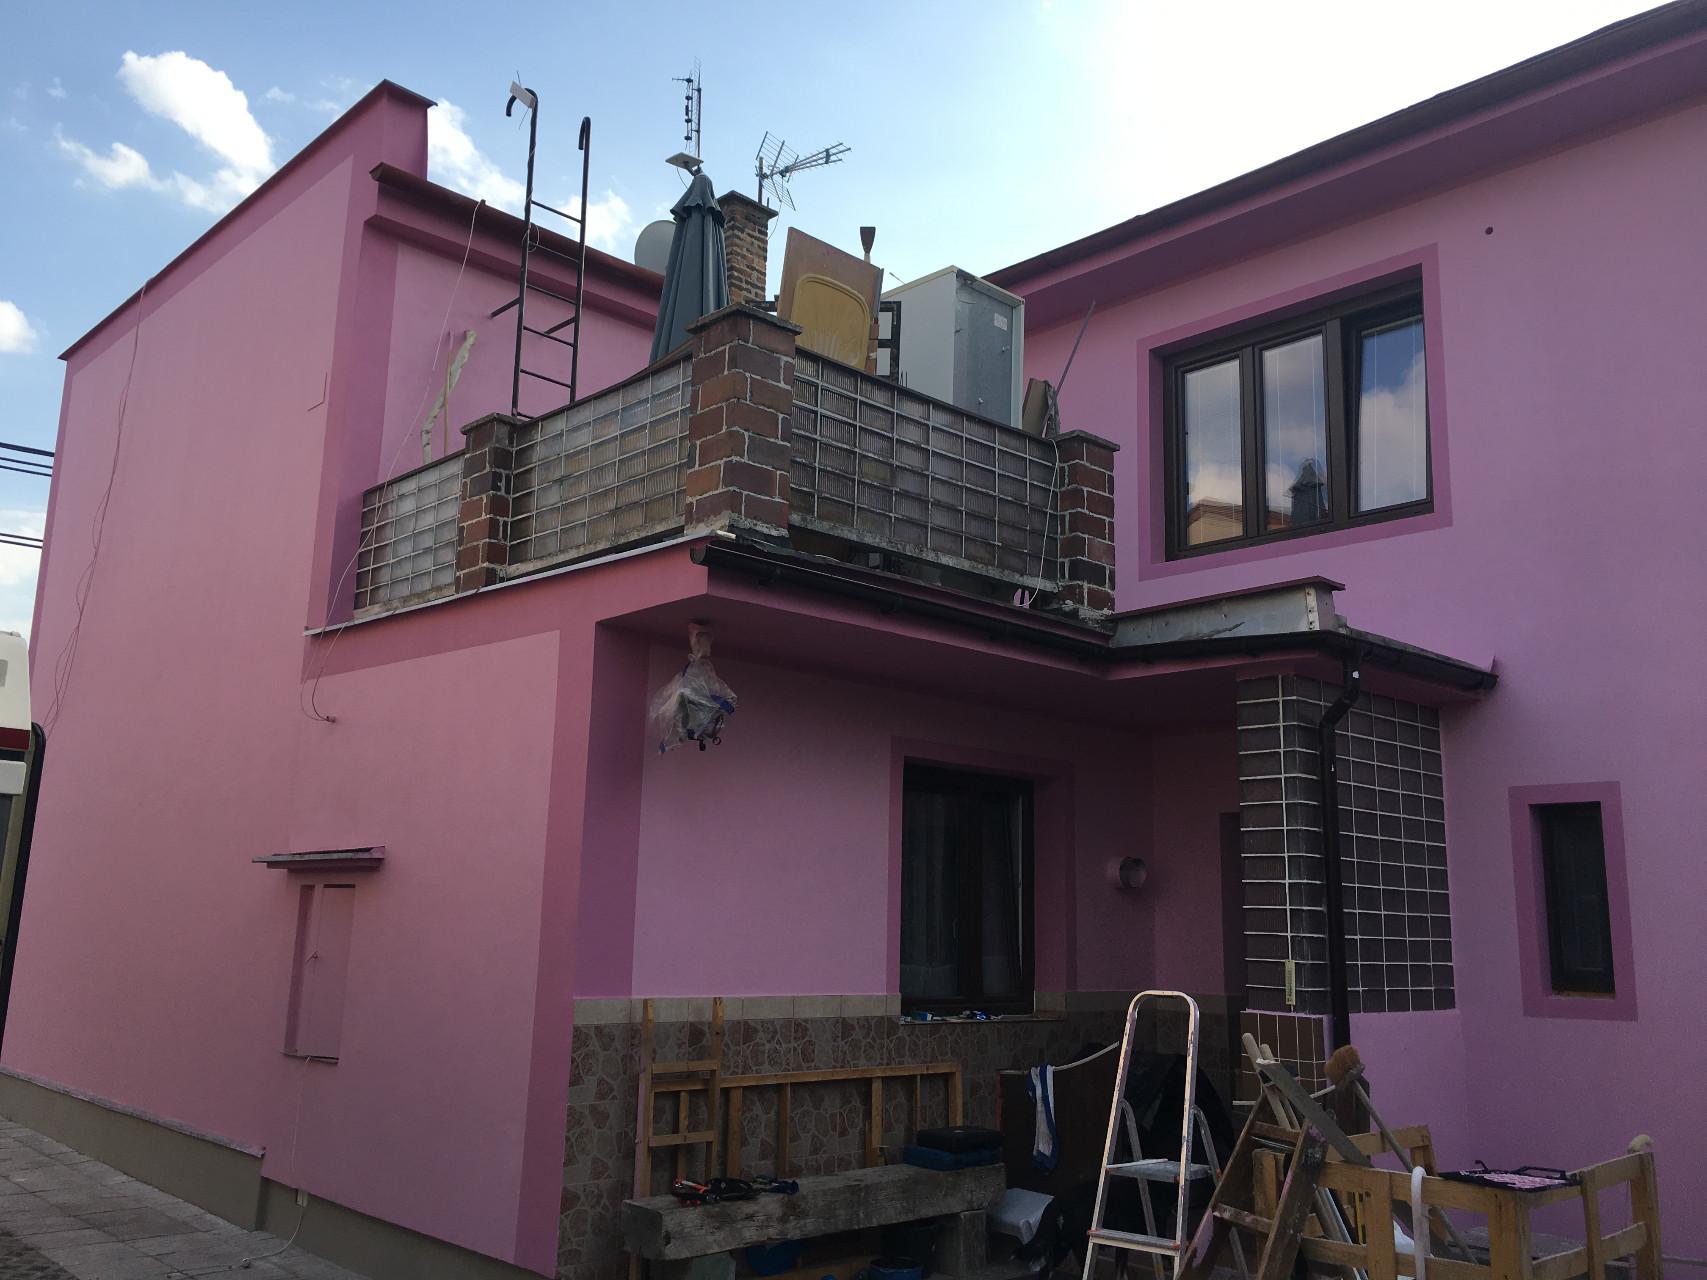 Zateplení rodinného domu perlitovou omítkou Manto Plate MP1 v Hradci Králové